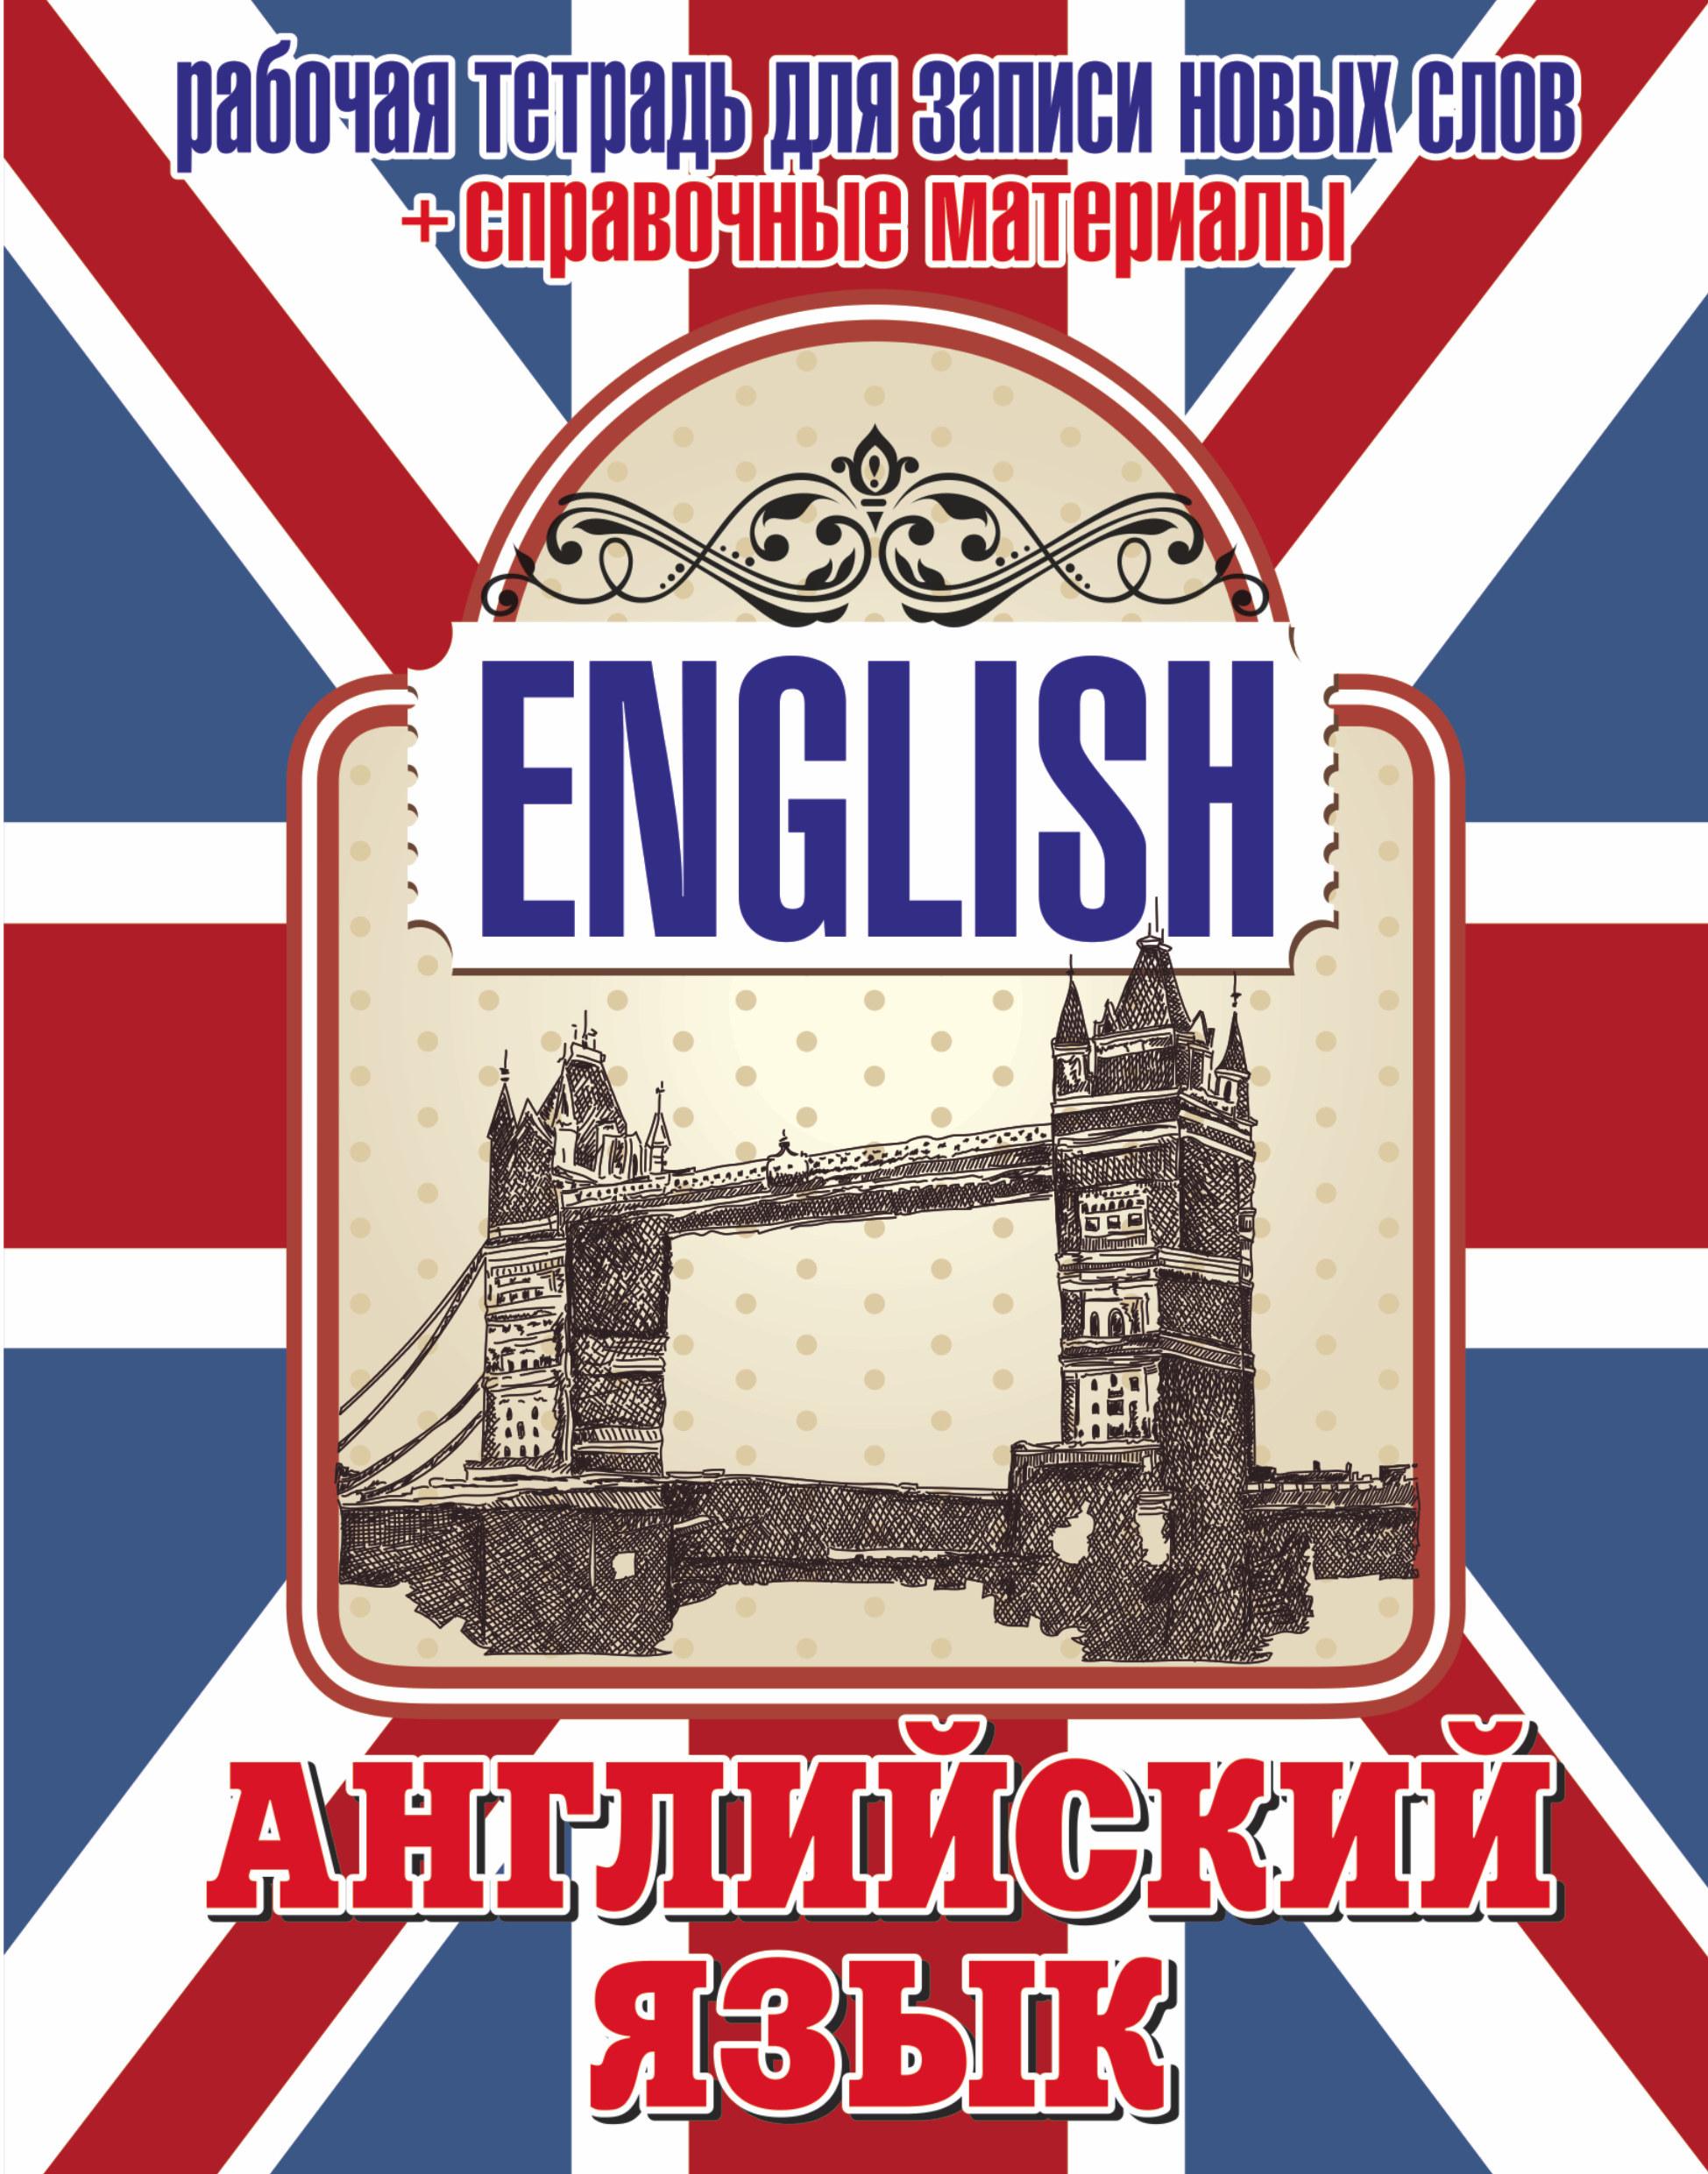 Английский язык. Рабочая тетрадь для записи новых слов+справочные материалы (Тауэрский мост)